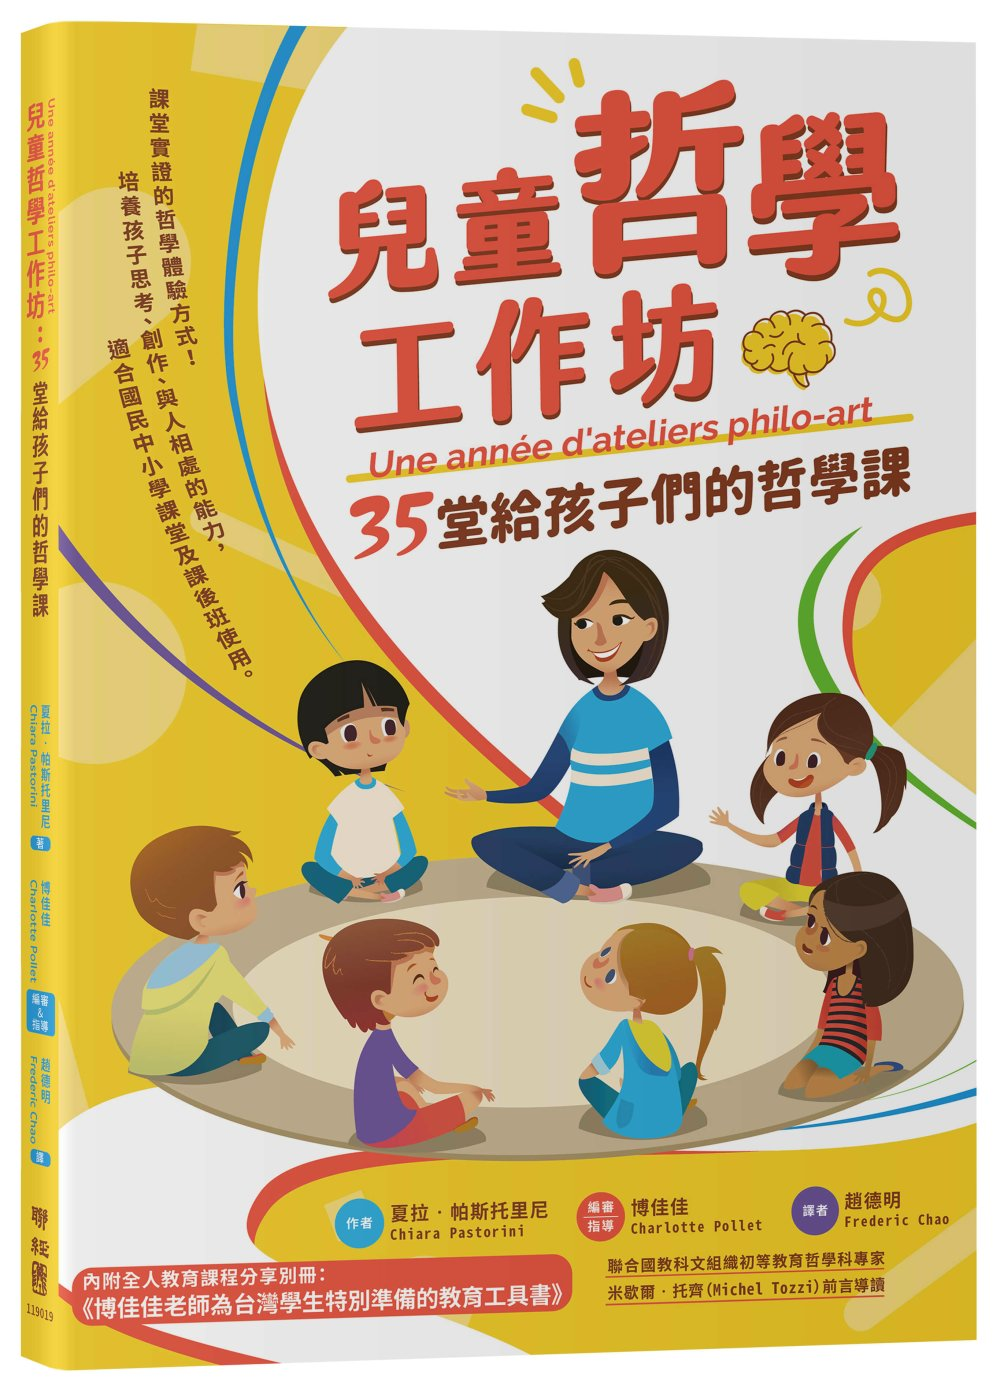 兒童哲學工作坊:35堂給孩子們...